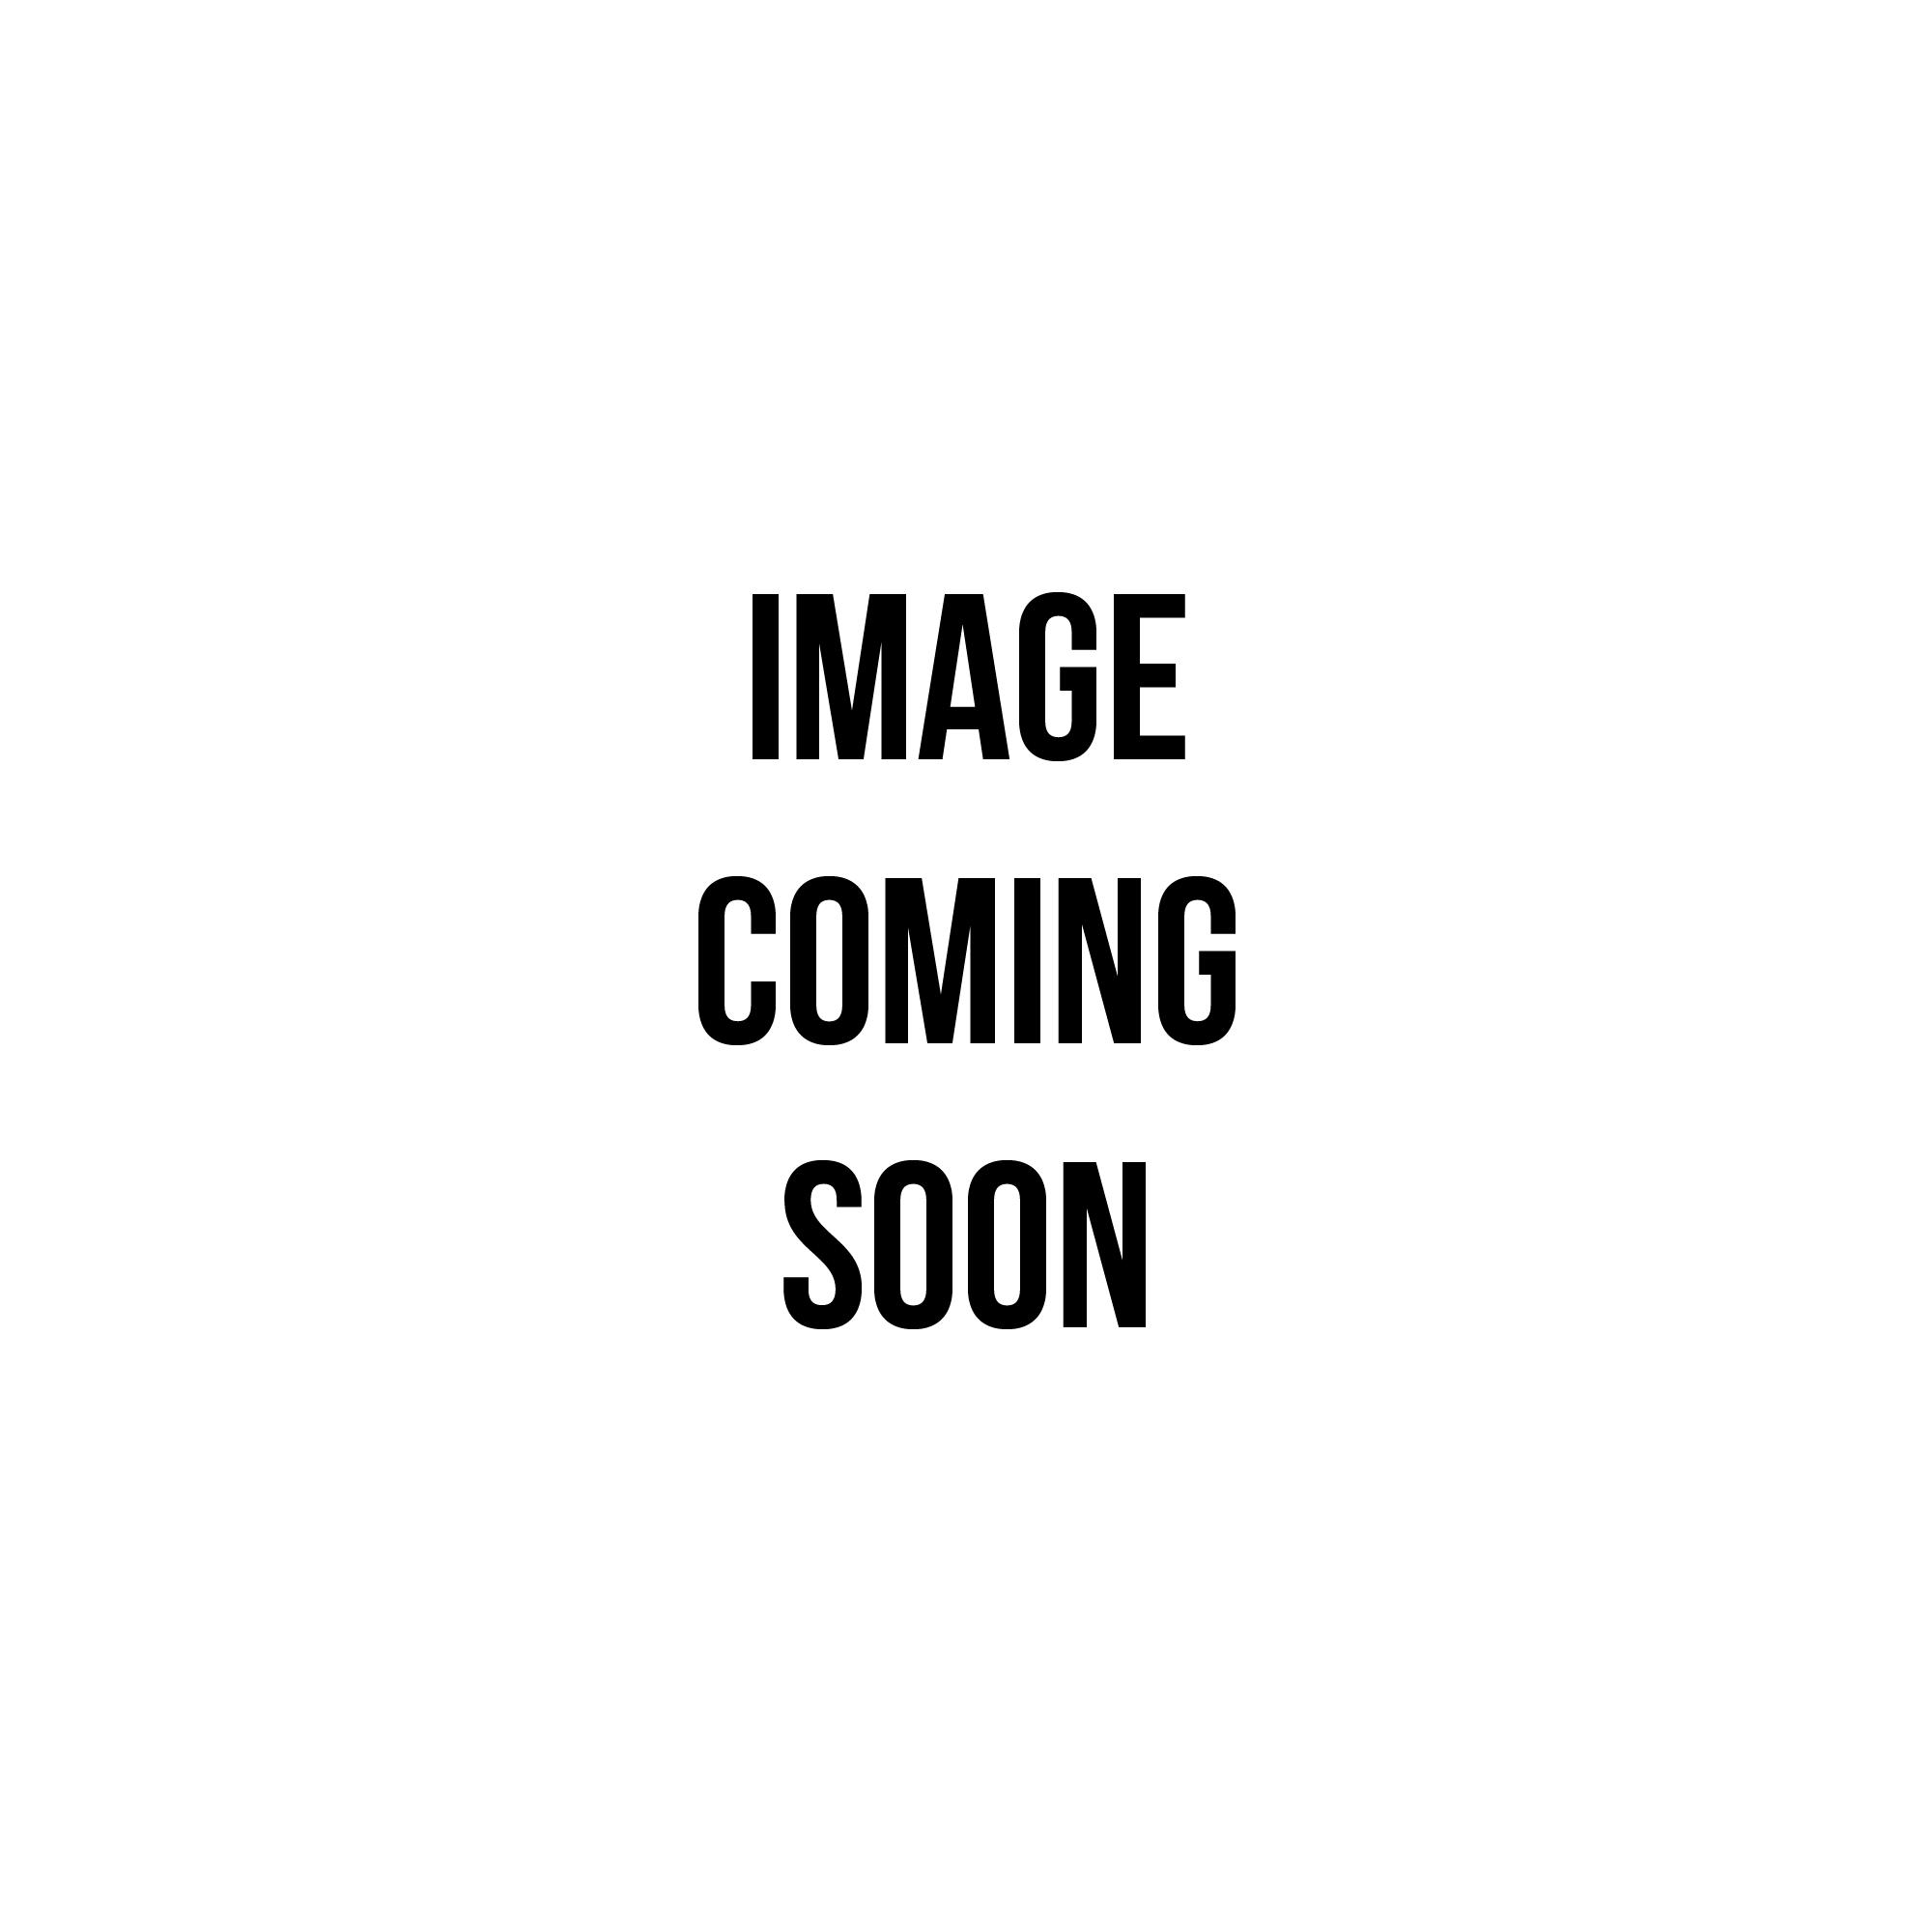 la sortie mieux Nike Short Hommes Noir Et Gris nouvelle remise vue vraiment livraison rapide xBuO0s